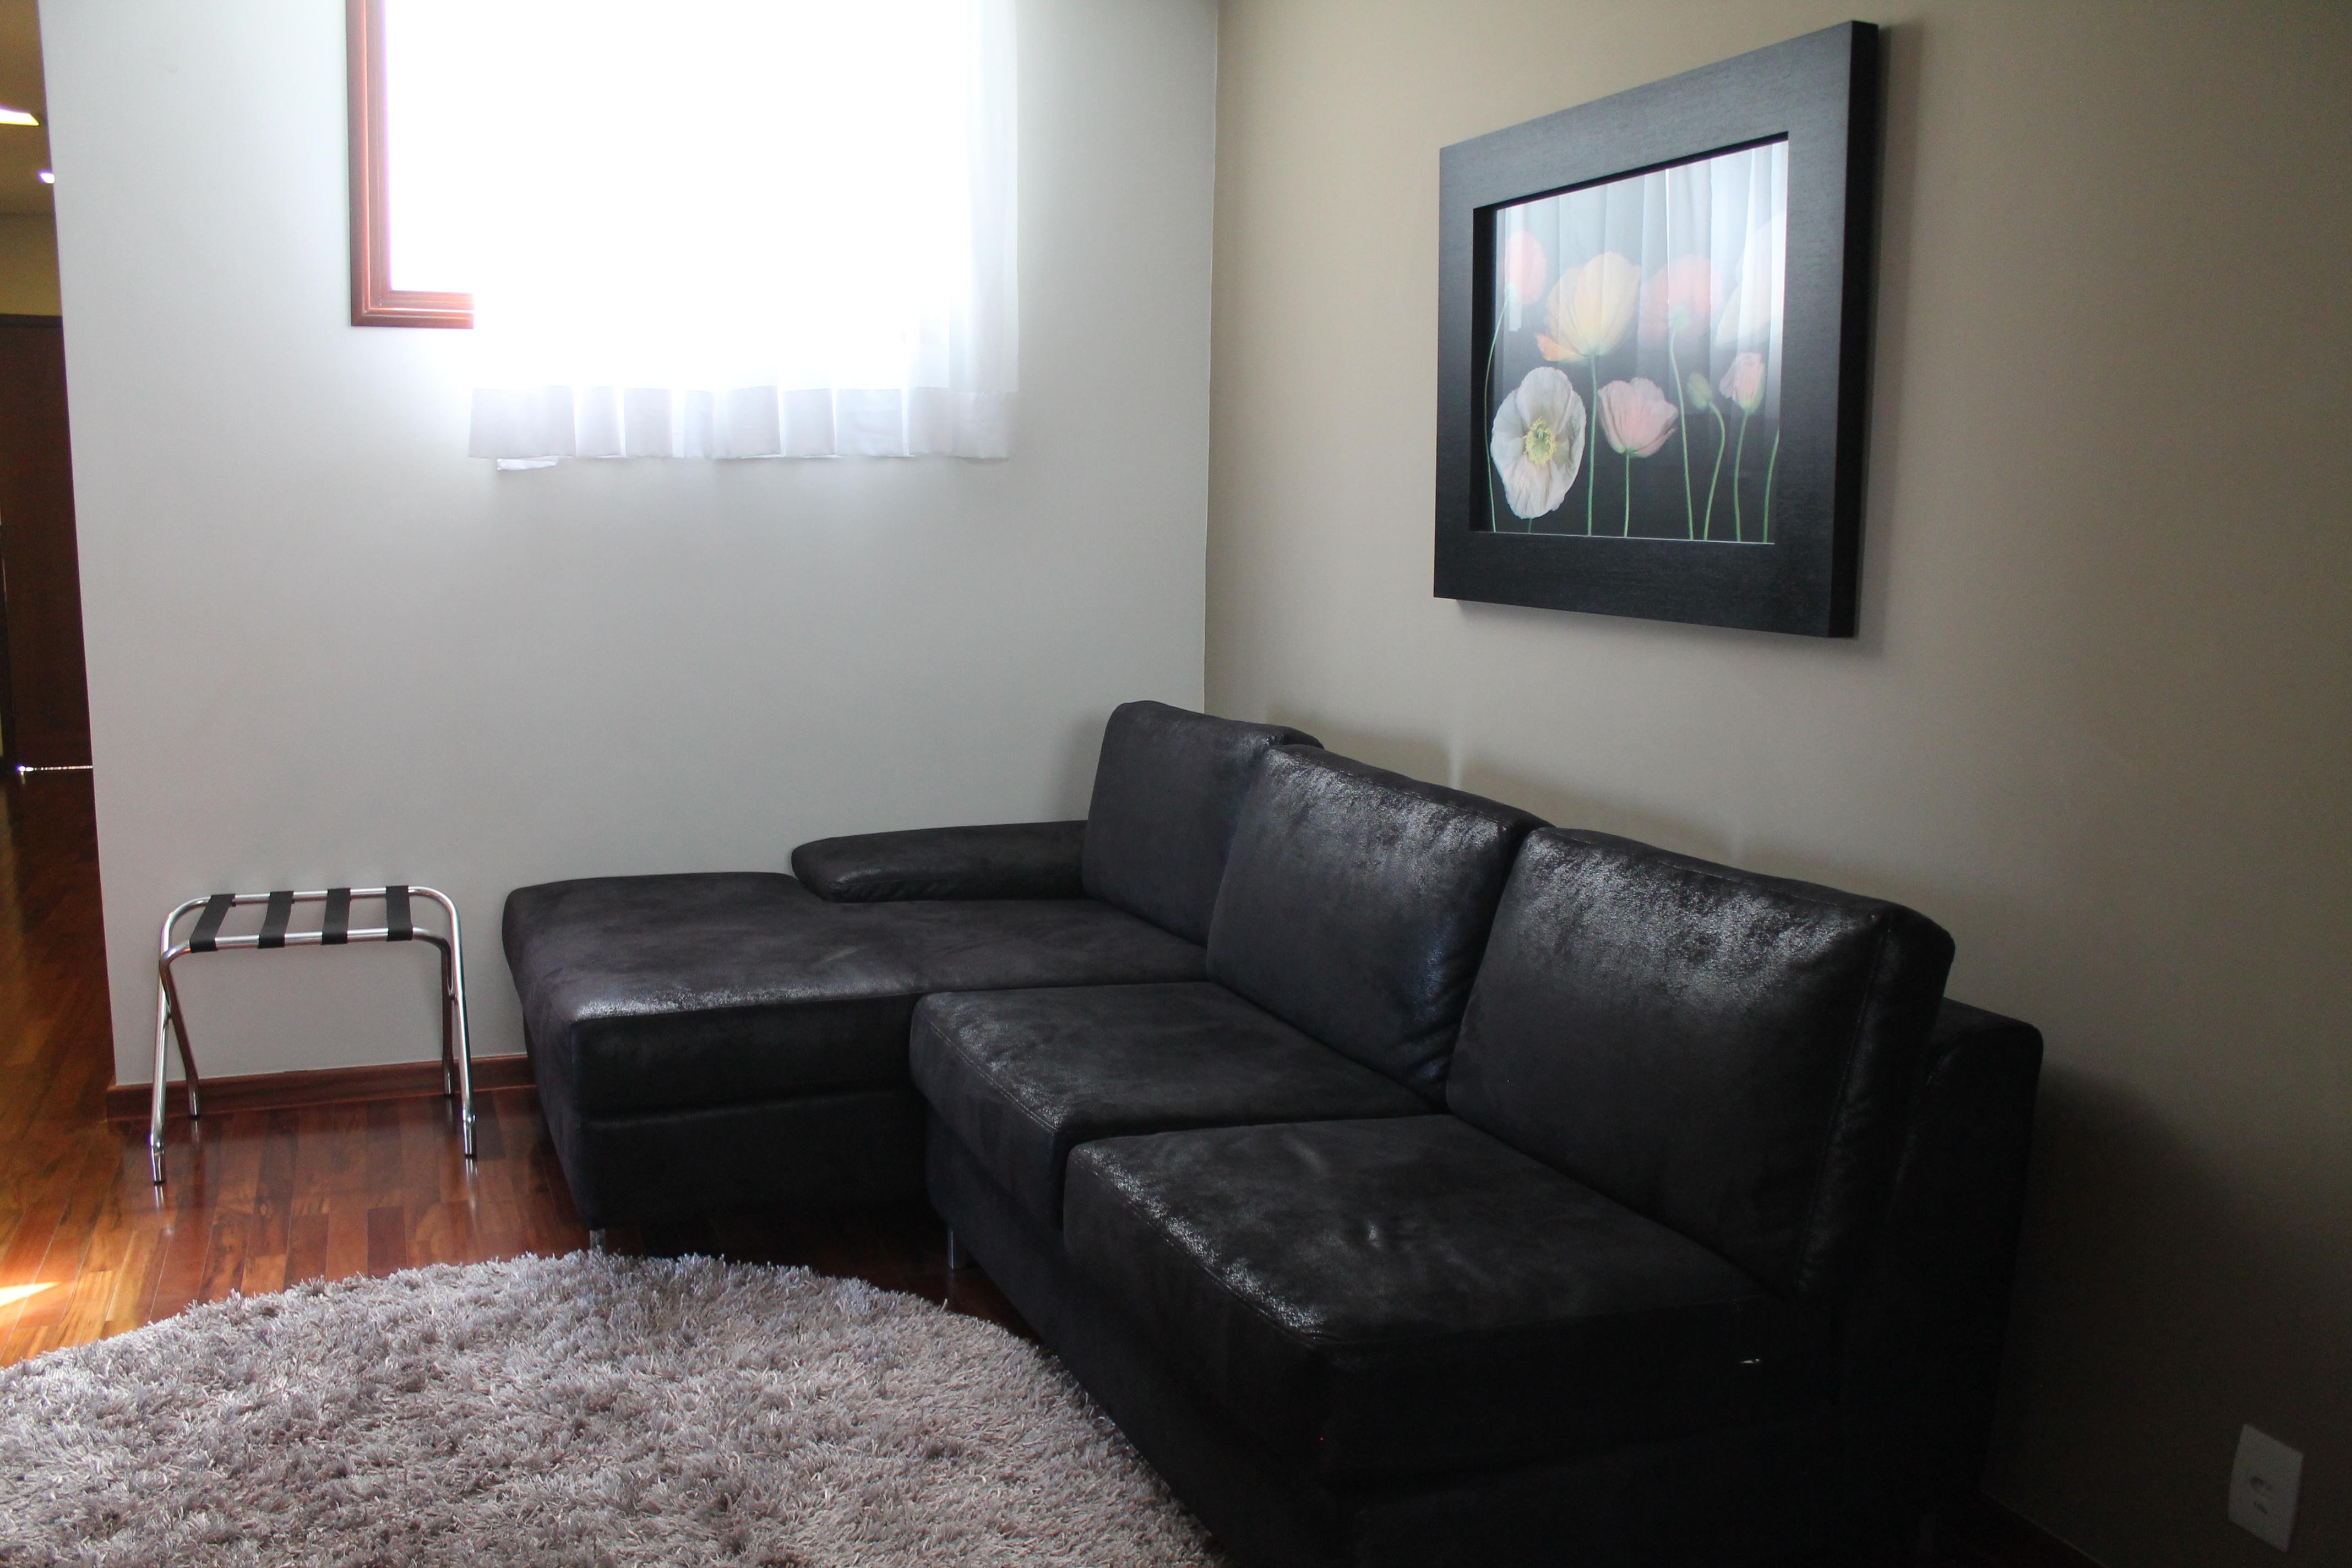 Sala ampla com sofá cama, televisão e frigobar